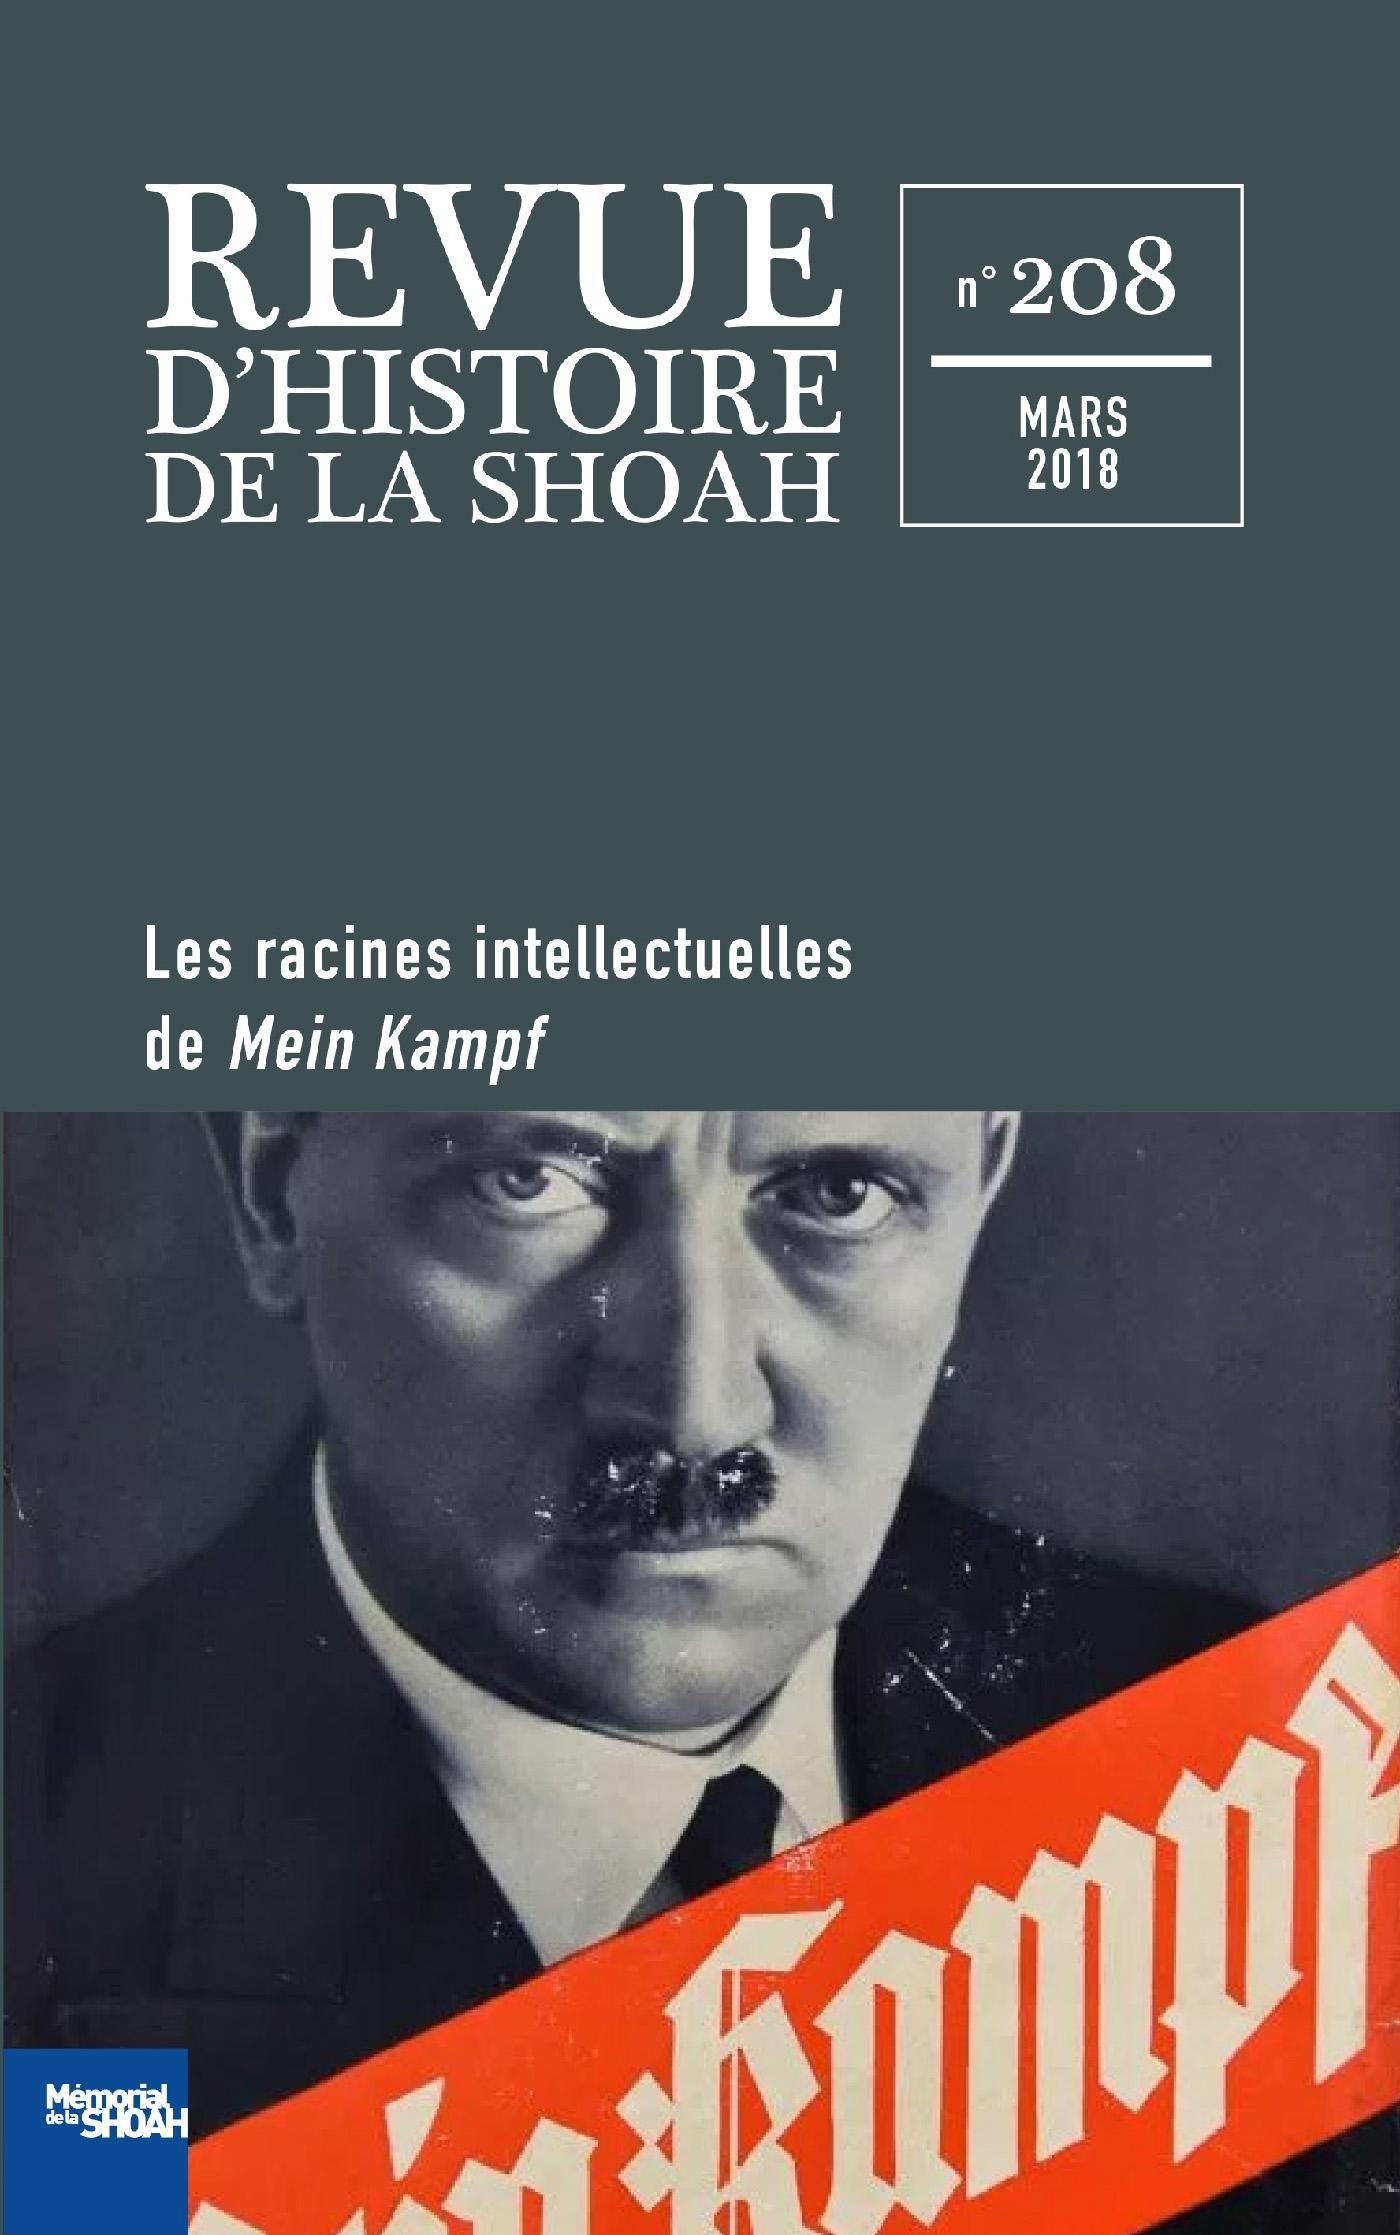 REVUE D'HISTOIRE DE LA SHOAH N  208